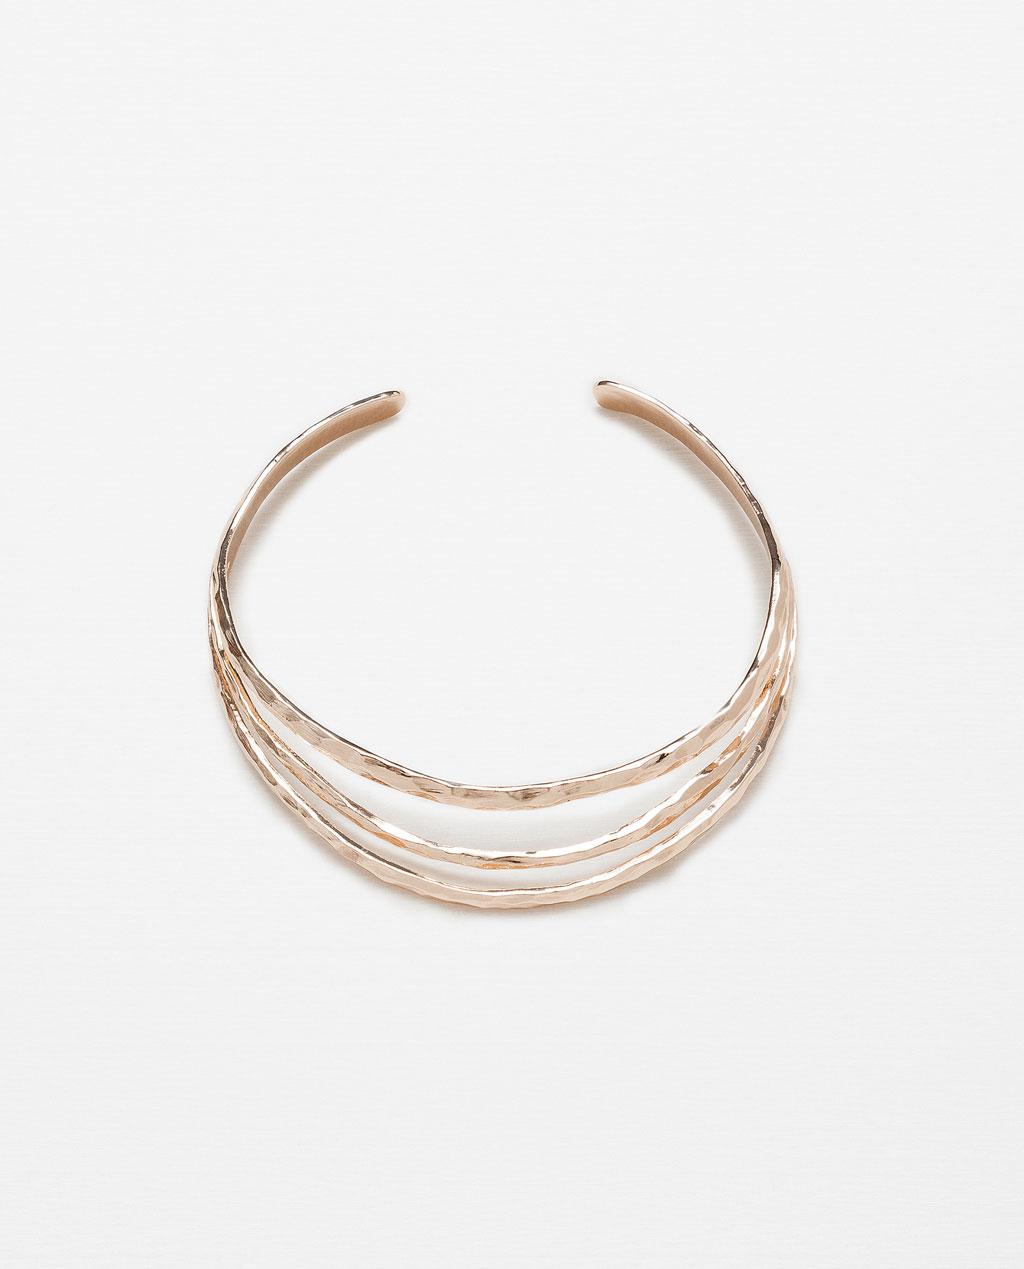 Zara - €17,95